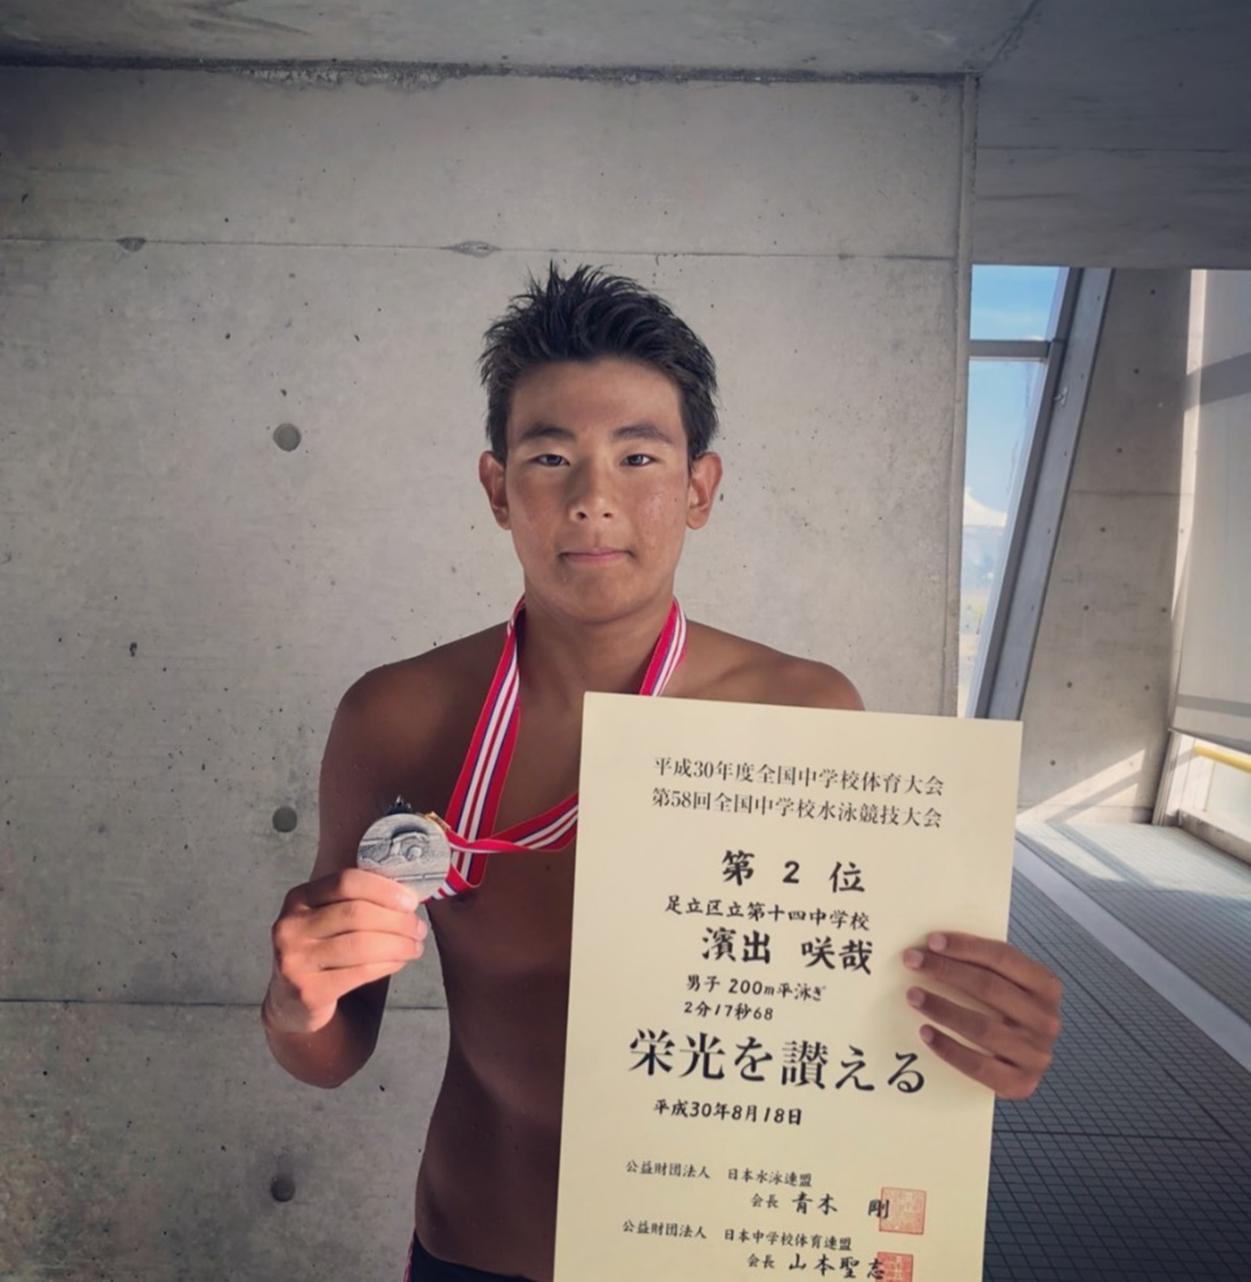 第58回 全国中学水泳競技大会 大会結果